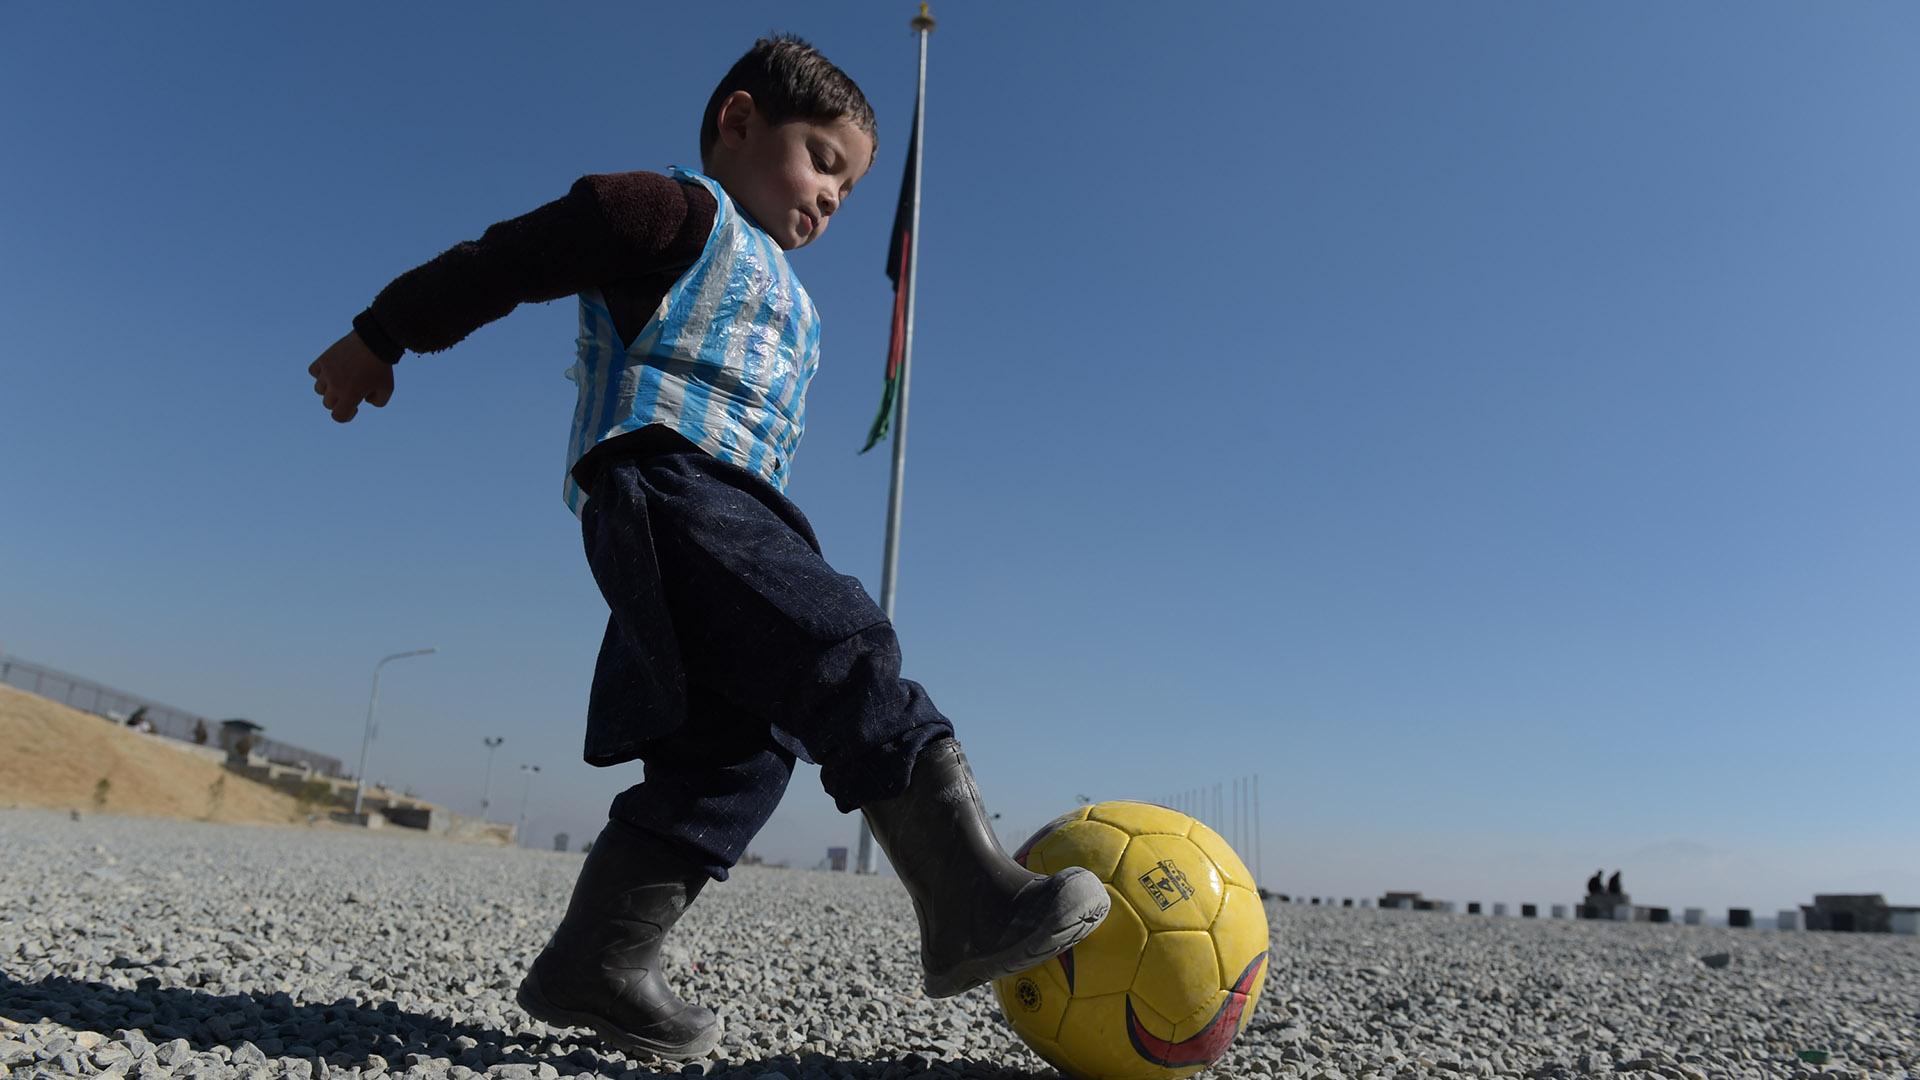 Dalla maglia di plastica all'abbraccio: Messi realizza il sogno di Murtaza